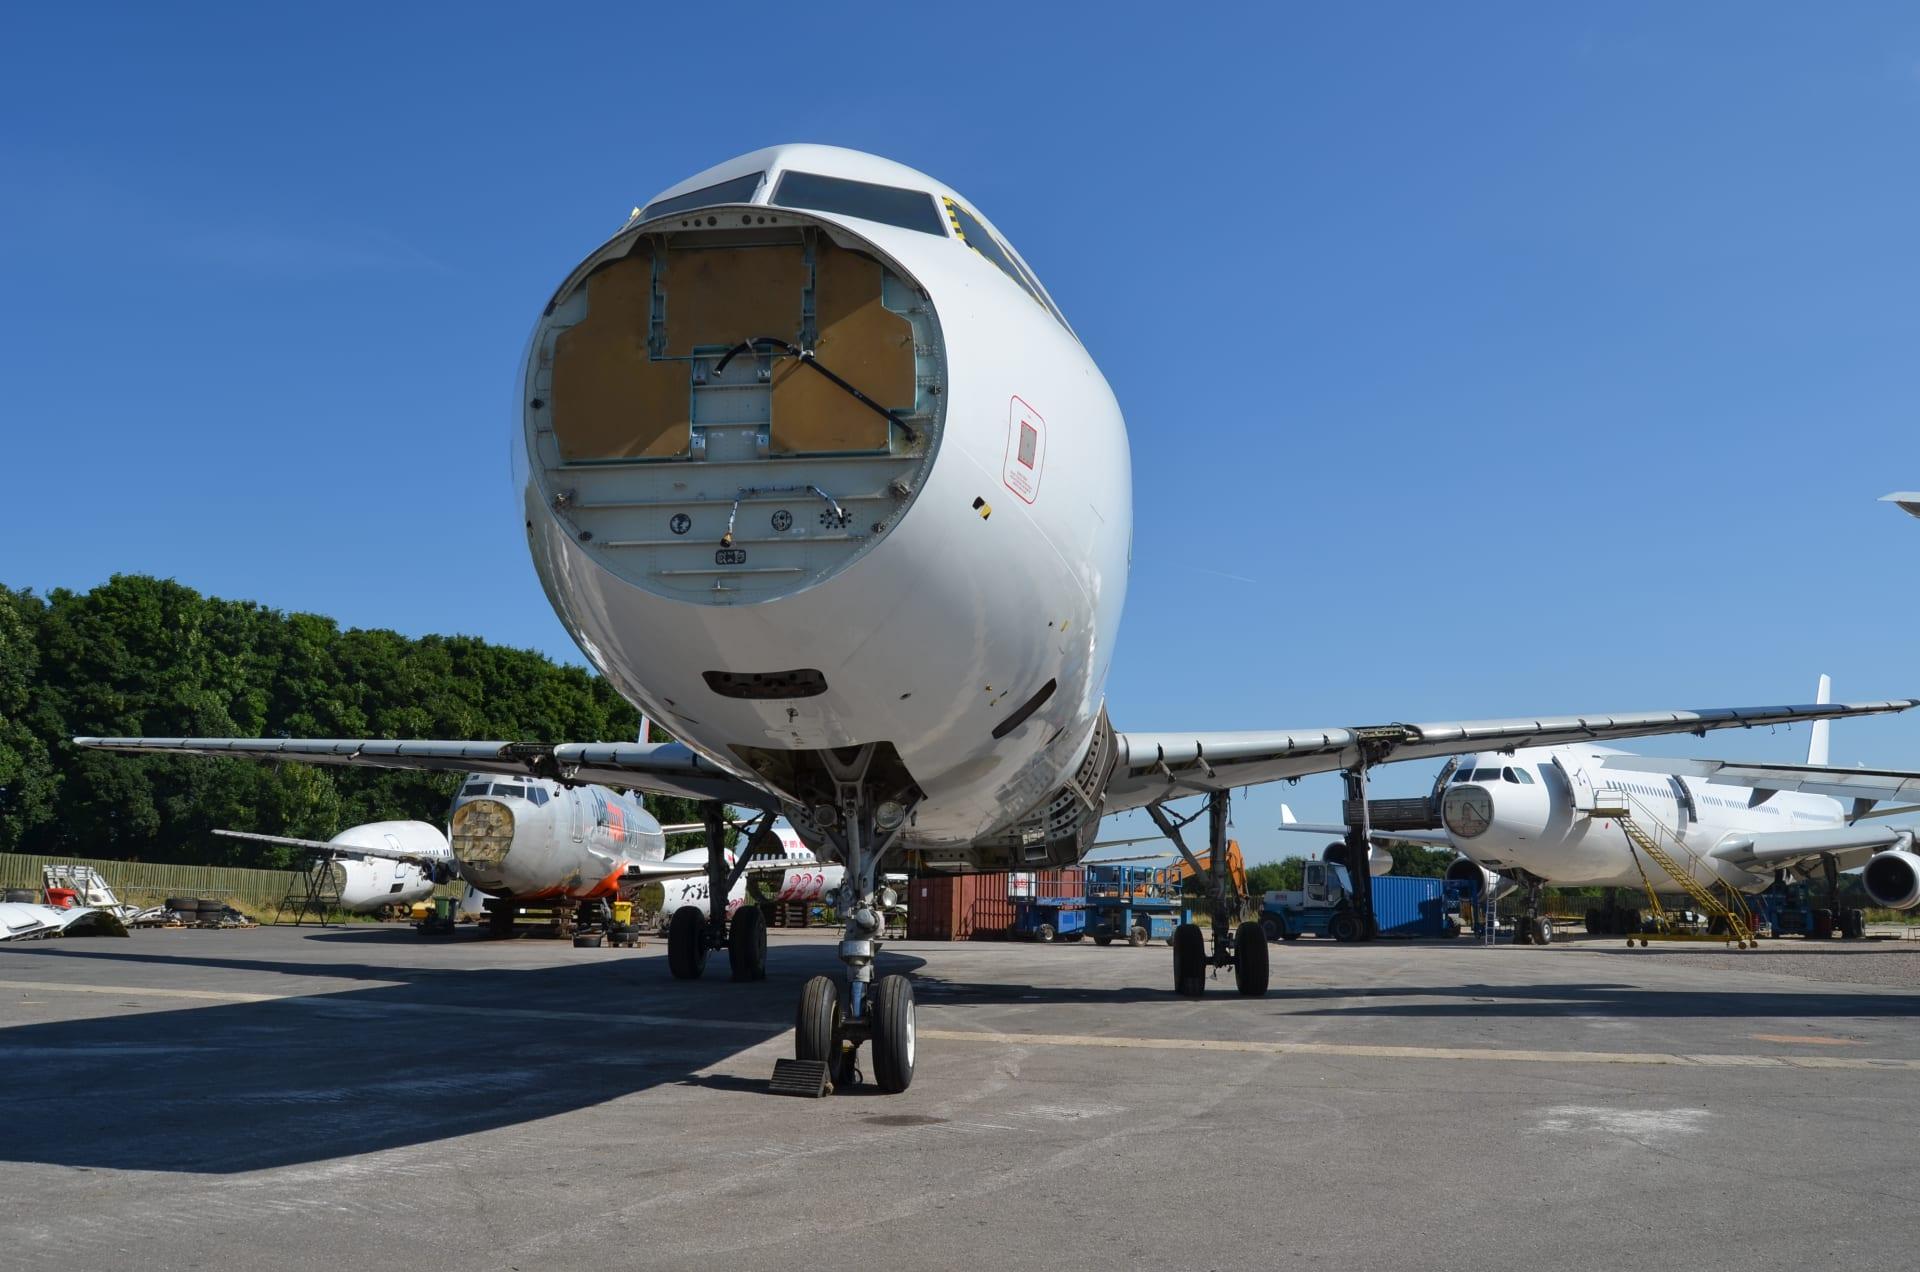 خطوة بخطوة.. ماذا يحدث للطائرة عند تقاعدها وسط تفشي كورونا؟